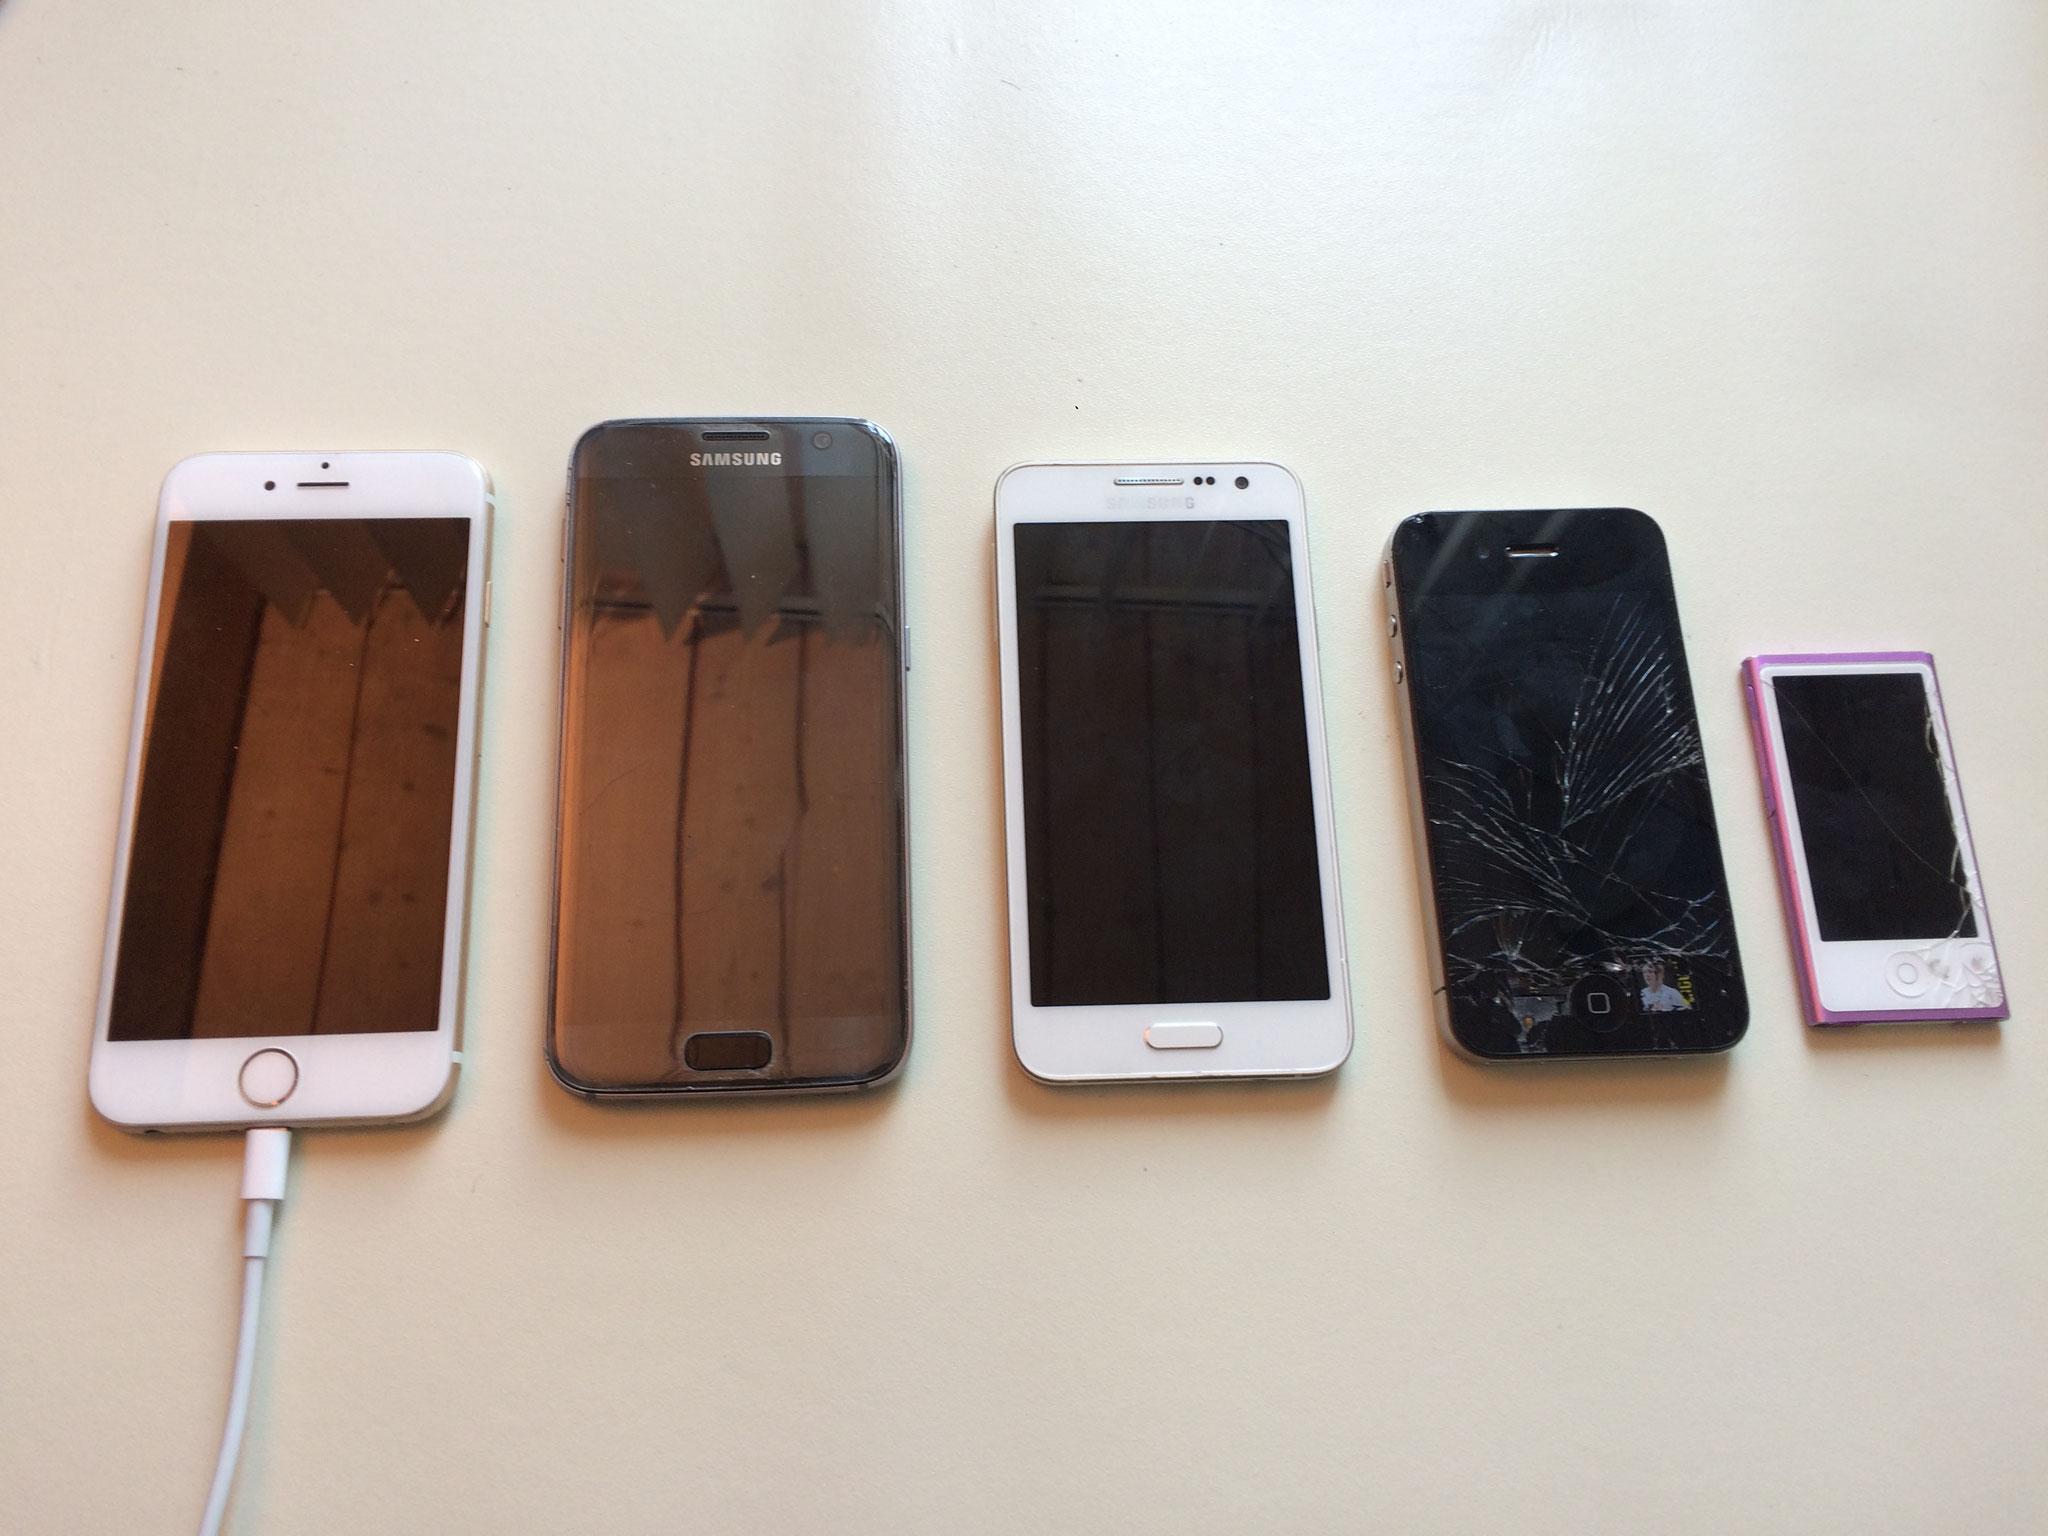 Tagesauftrag - Diverse Handys mit Displayschaden oder Batterie Problemen.